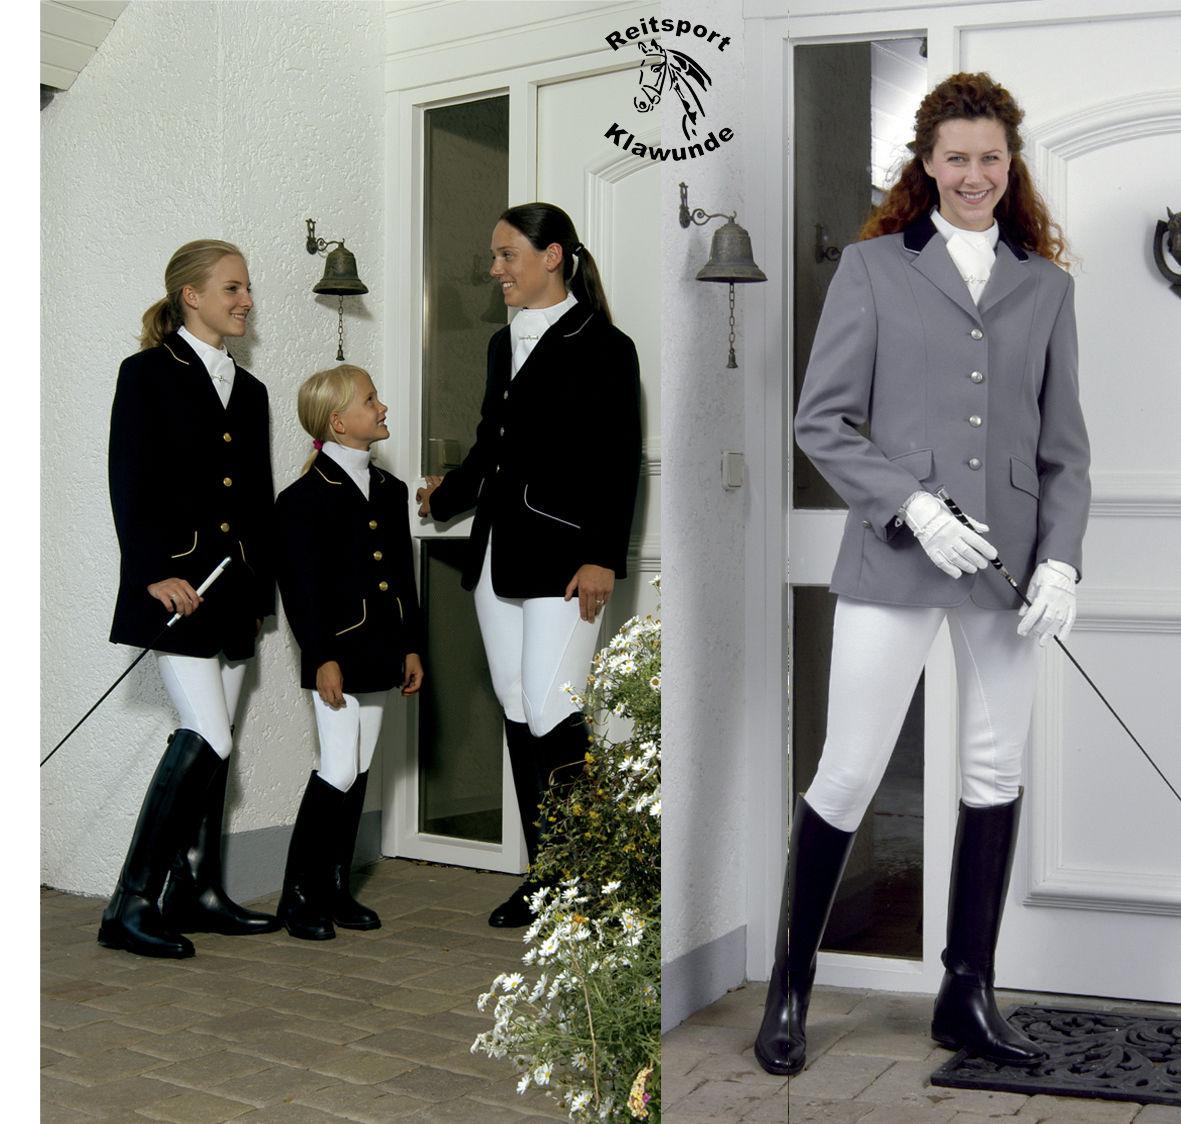 % ELT Damen-Tunierjacke in schwarz, navy oder grau - Lagerräumung - Neu